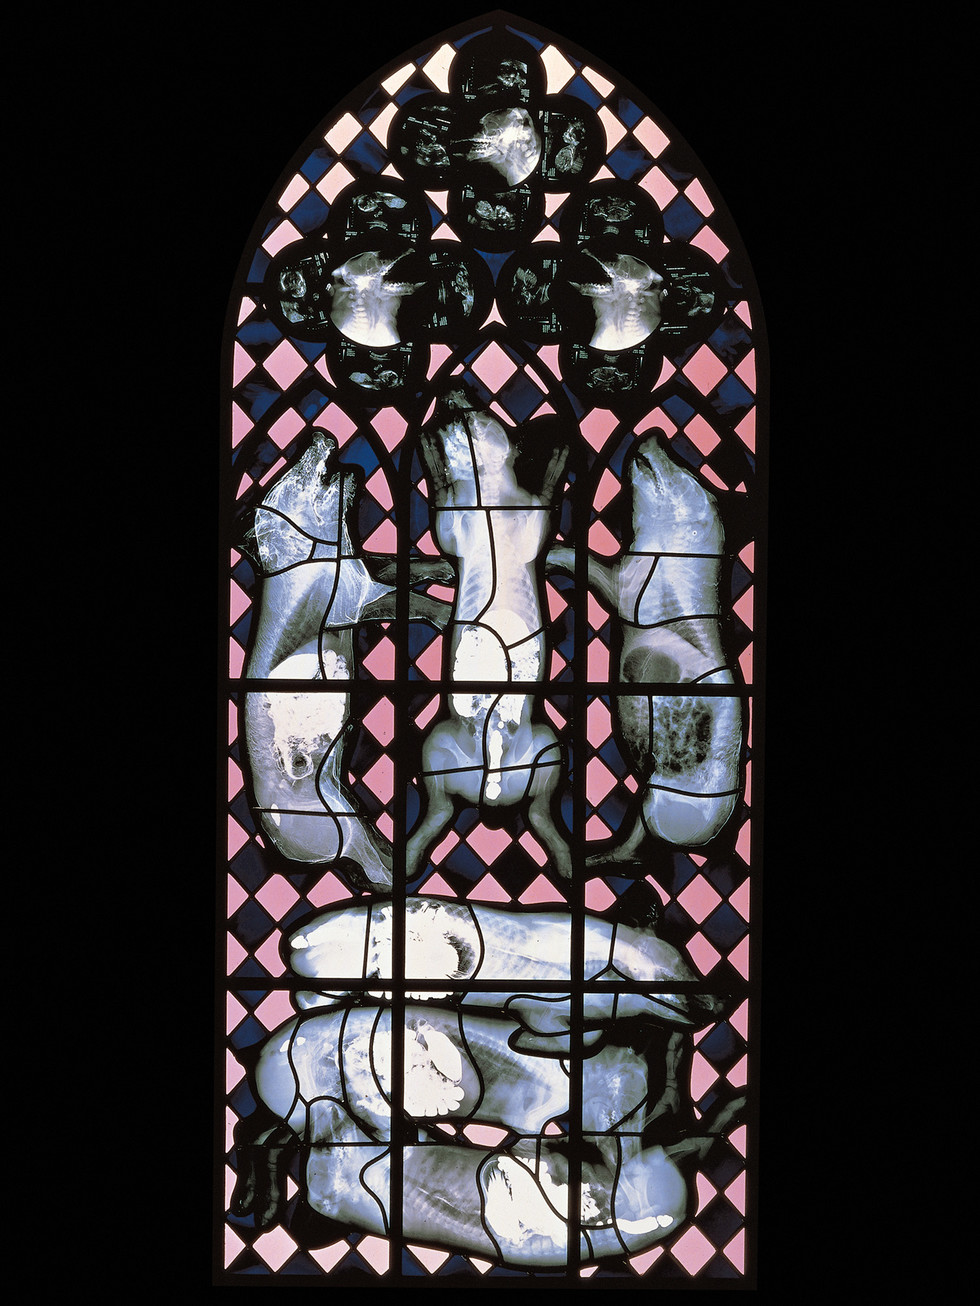 Chapel Stained Glass Window Wimdelvoyebe